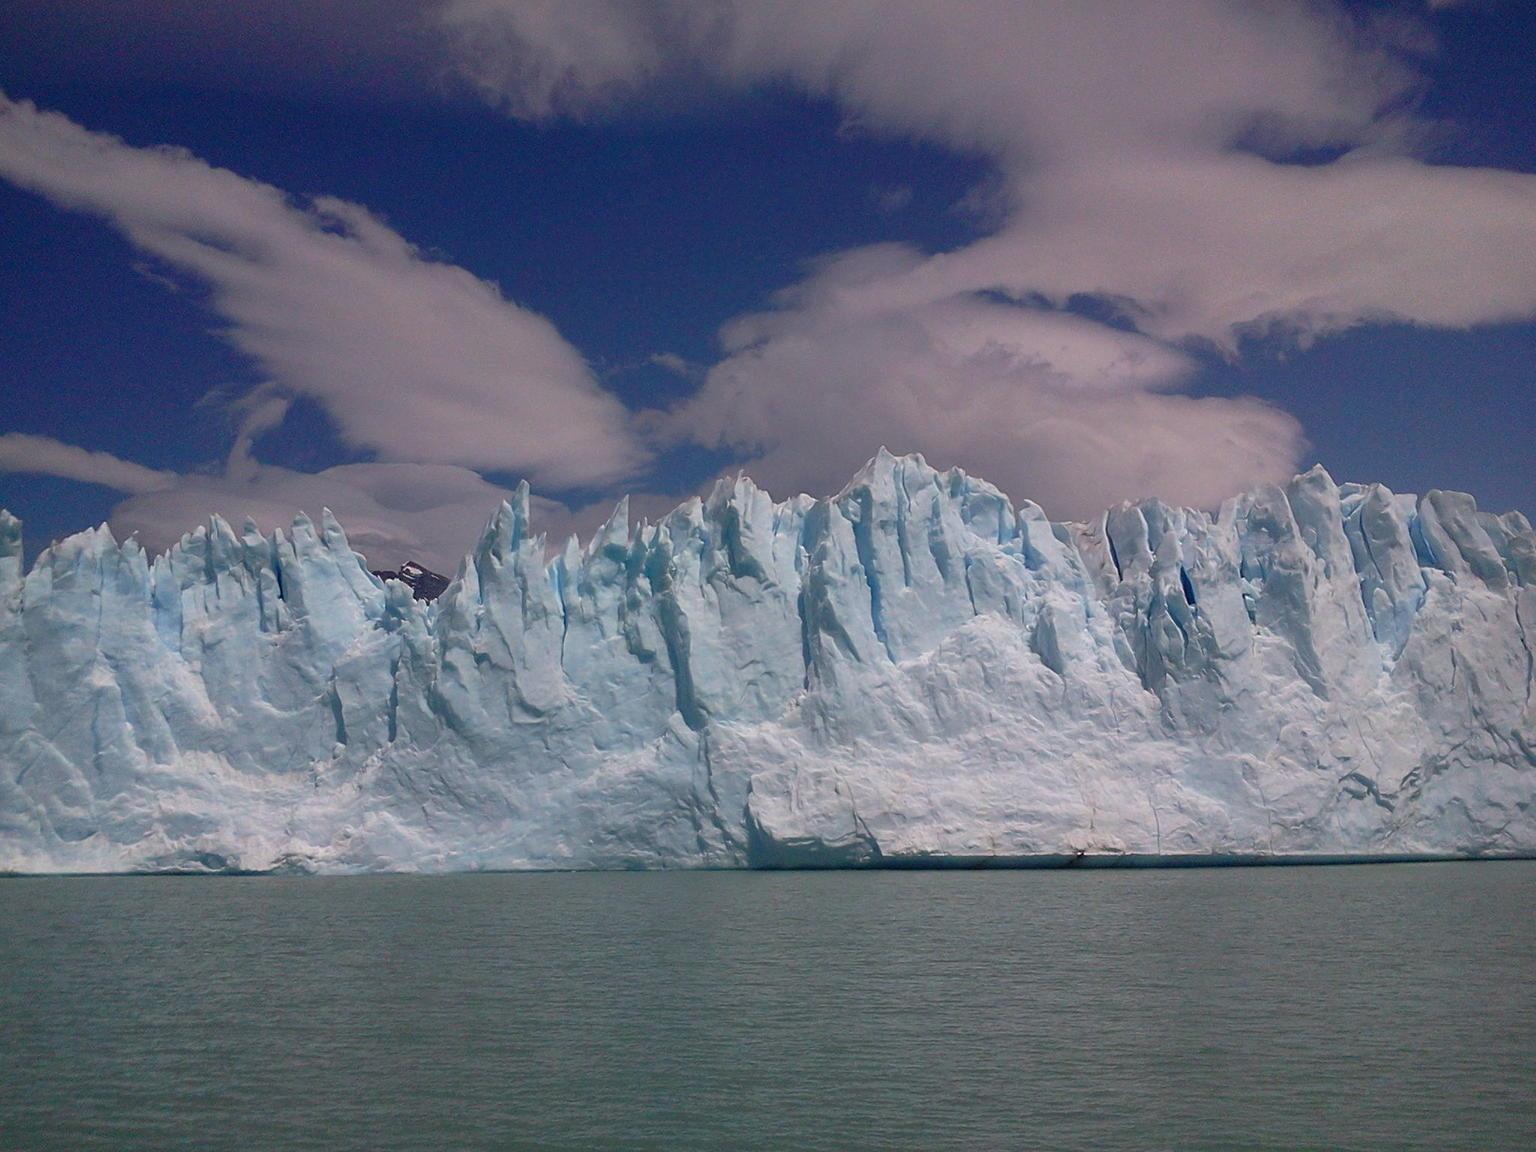 MÁS FOTOS, Crucero turístico por los glaciares El Calafate